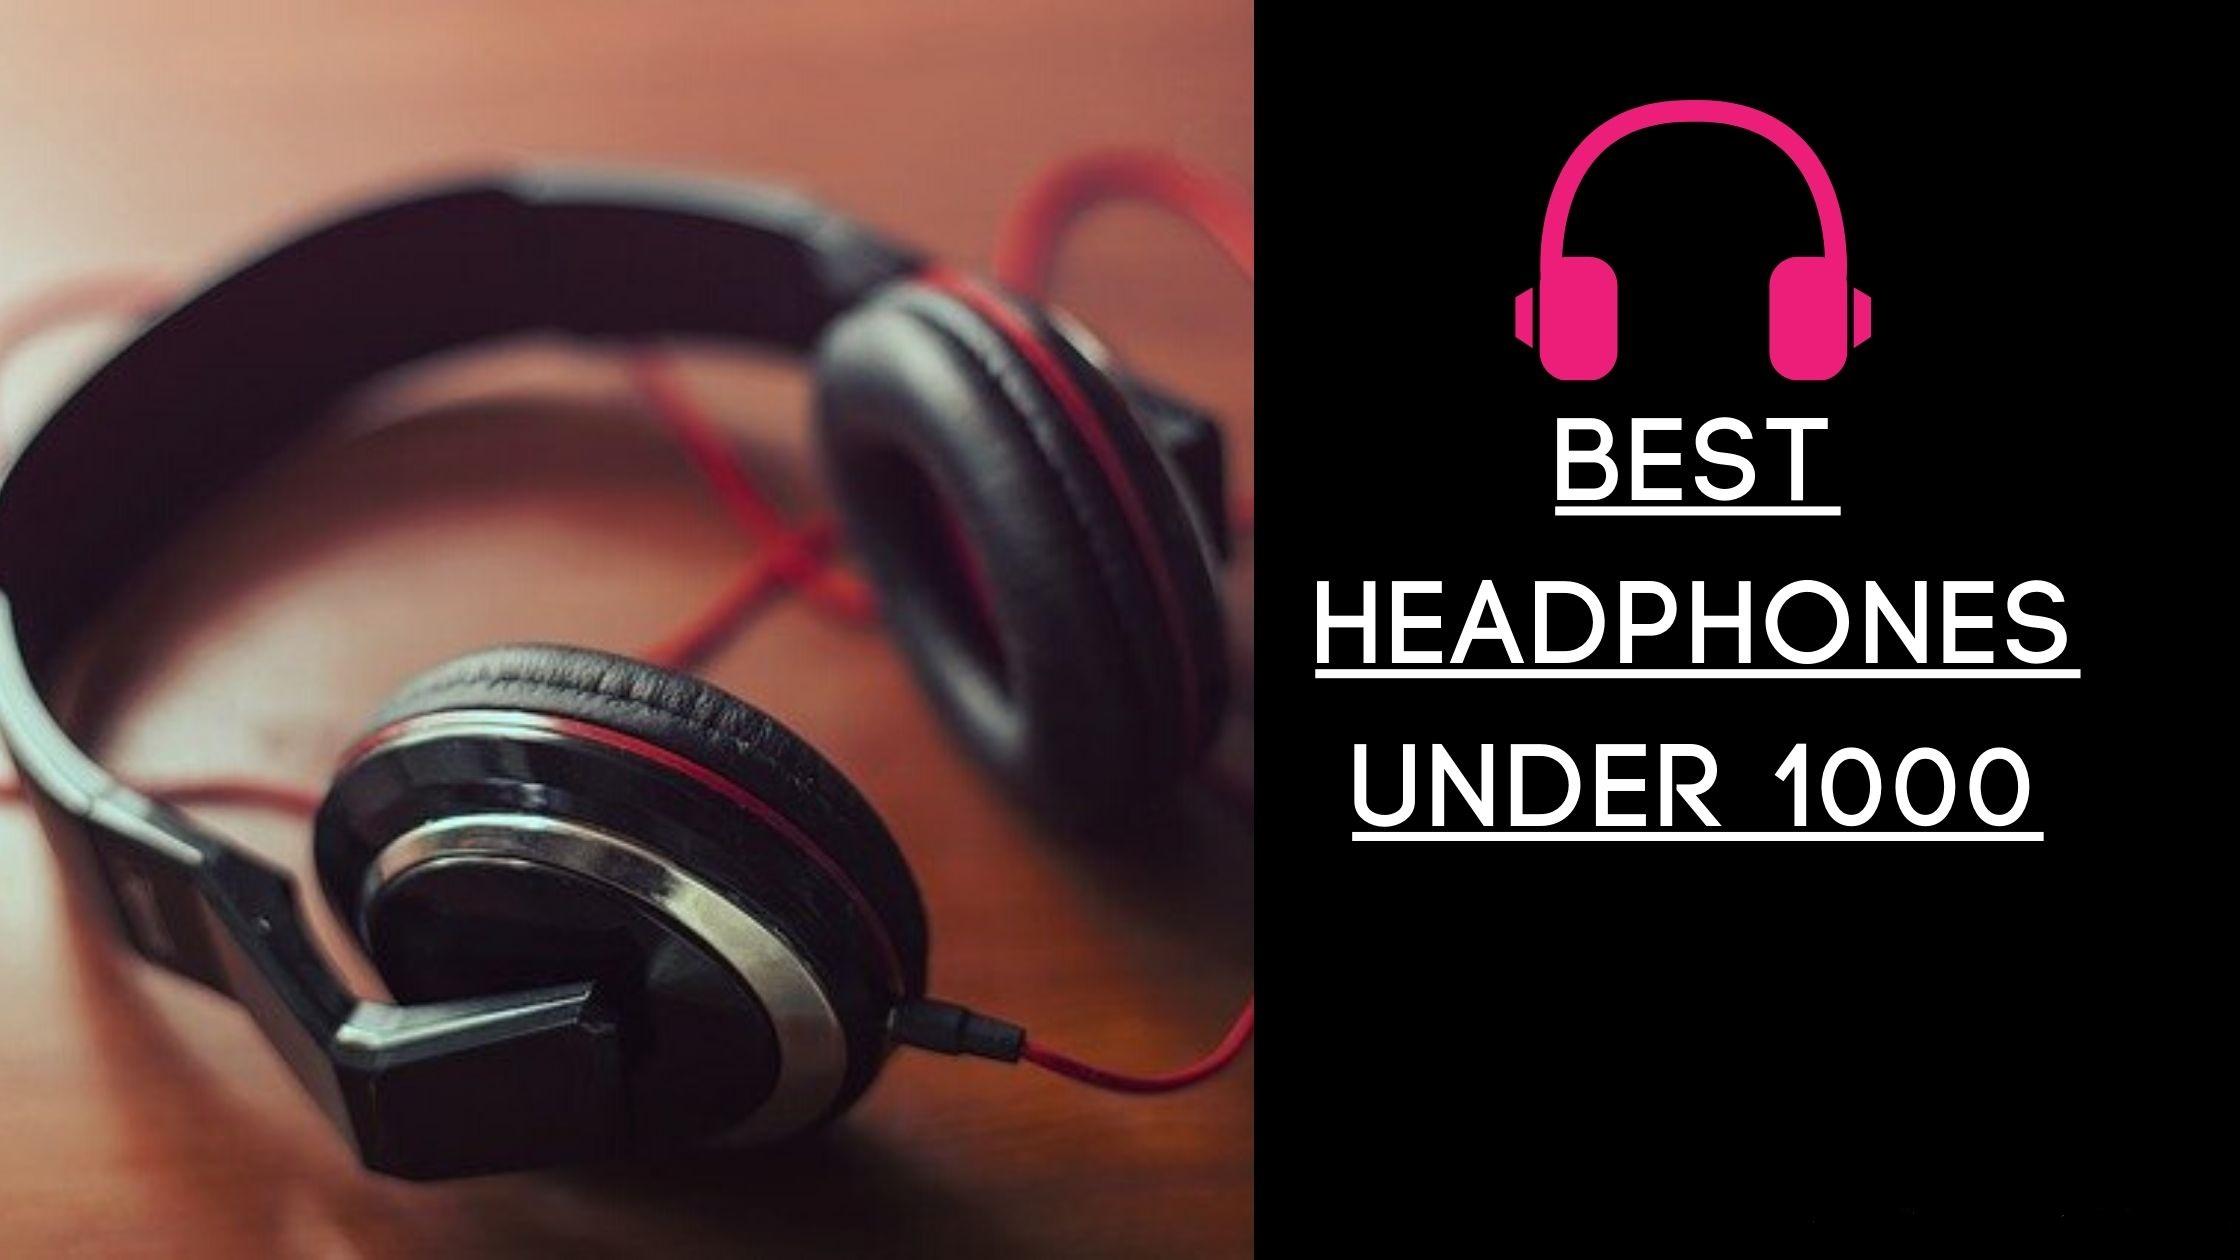 Best Over Ear Headphones Under 1000